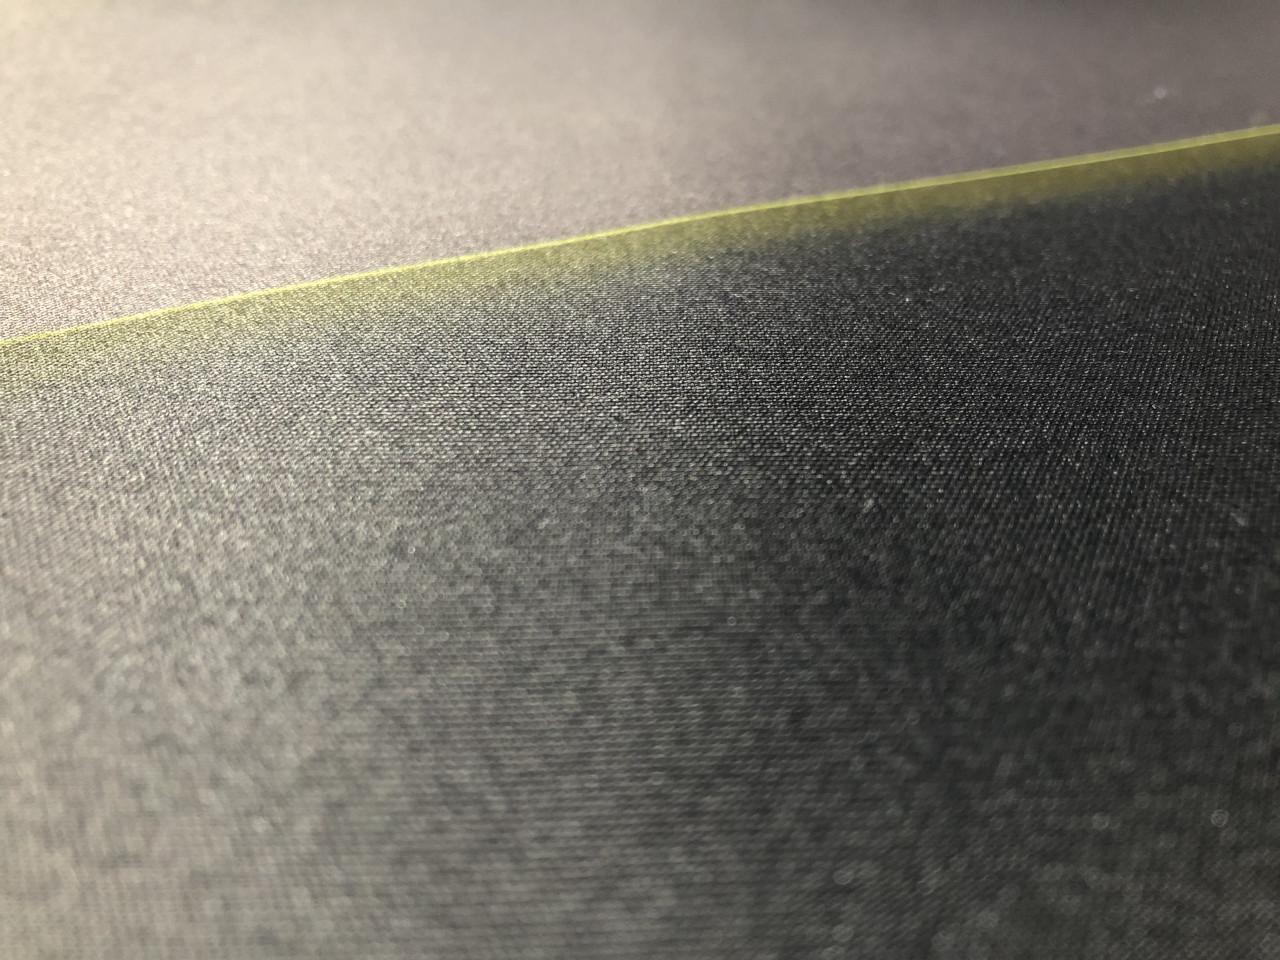 表面の質感比較 - GP1-2